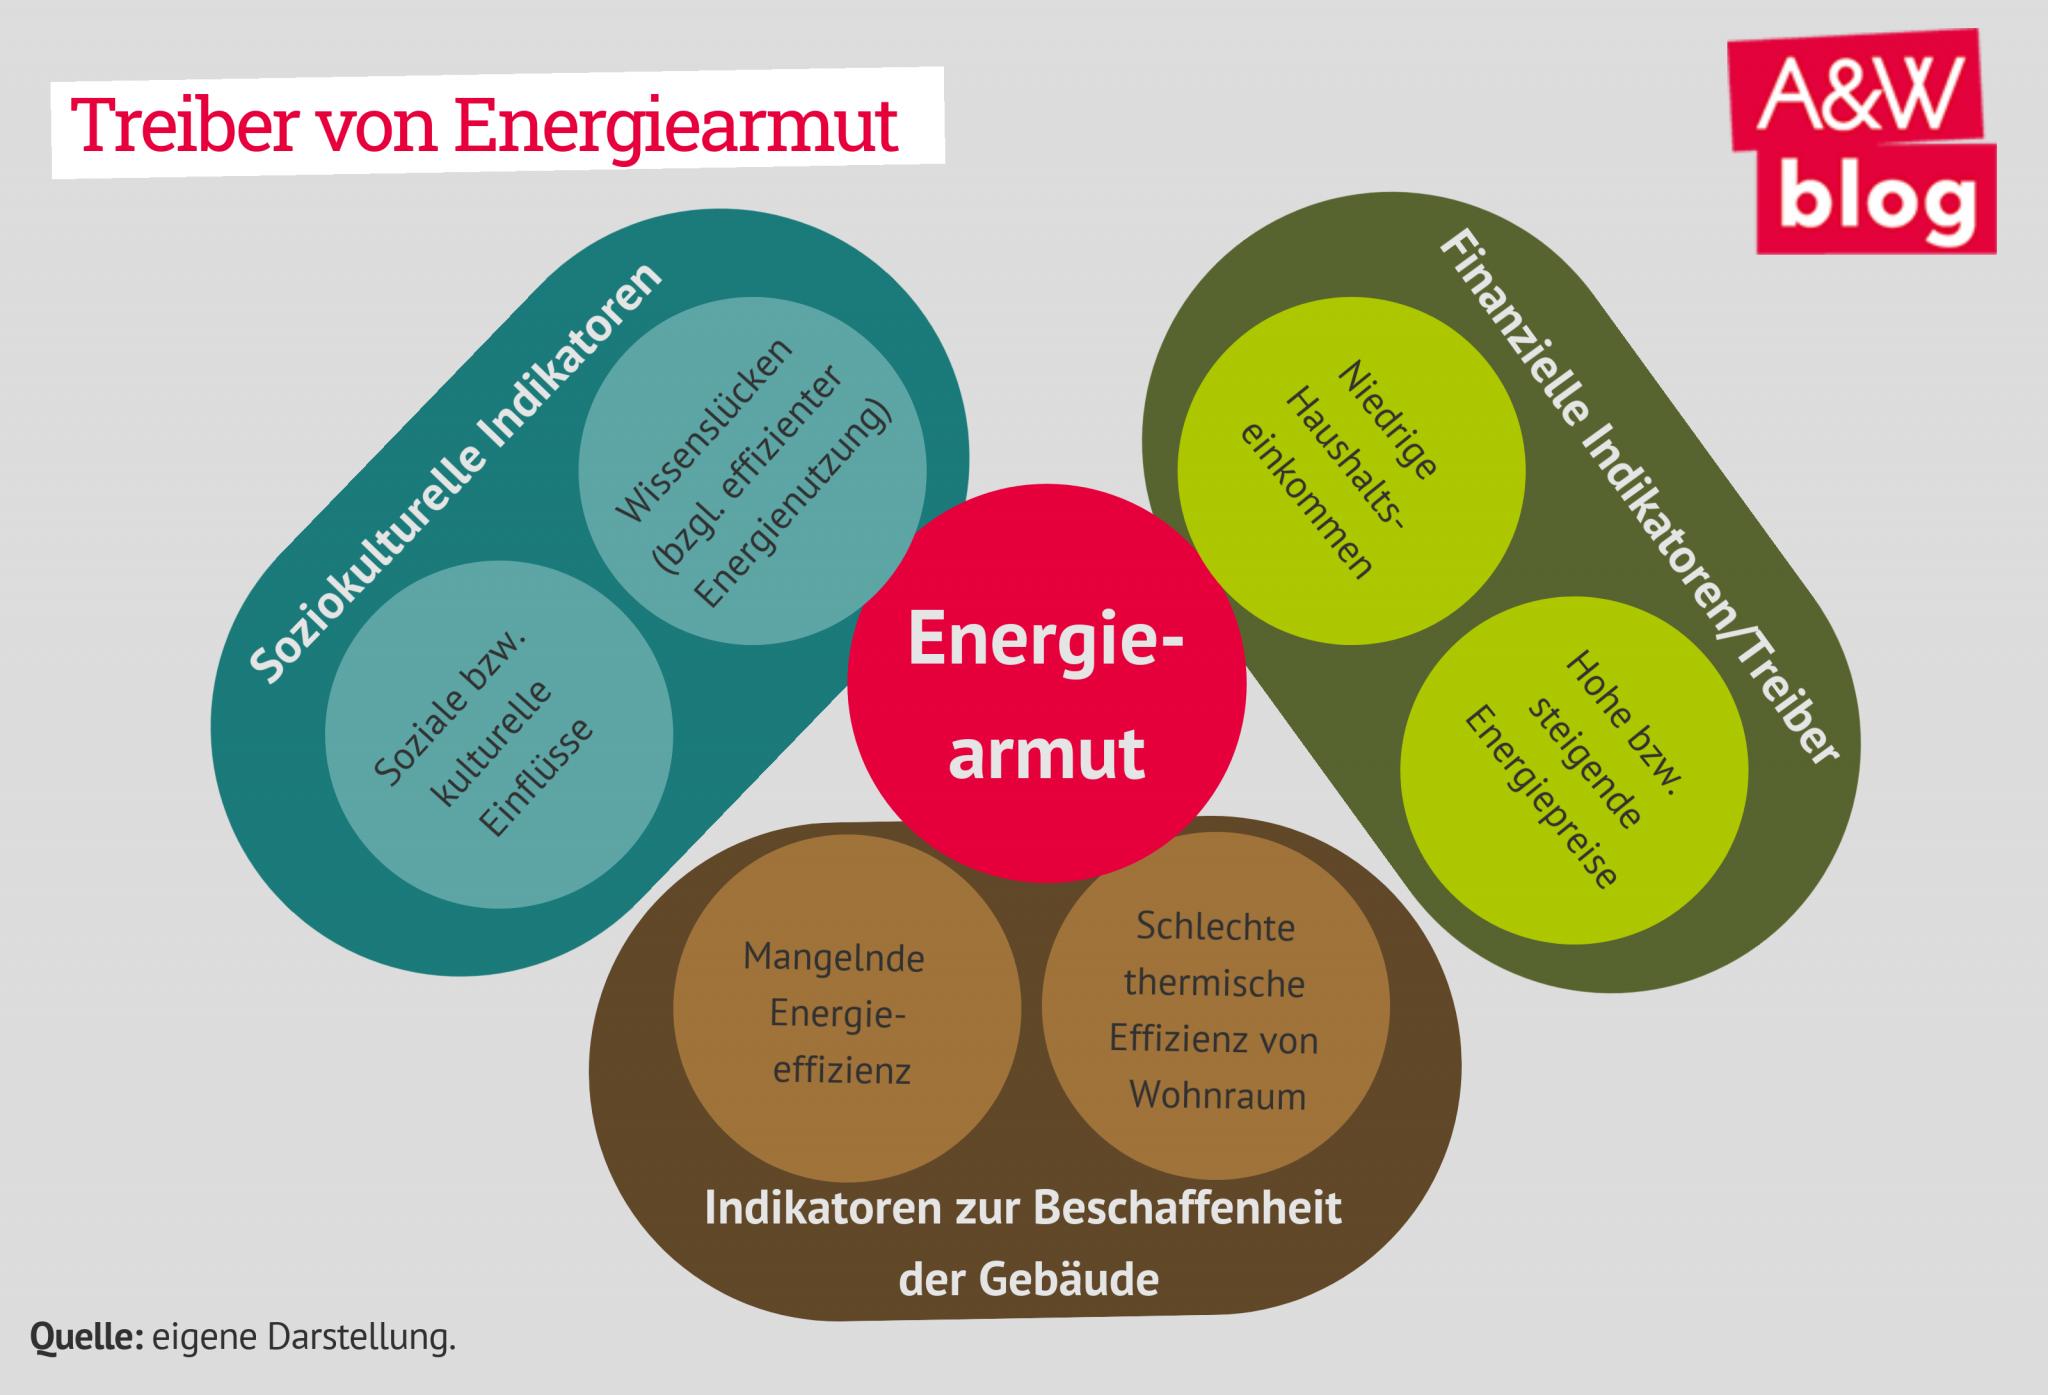 Treiber von Energiearmut